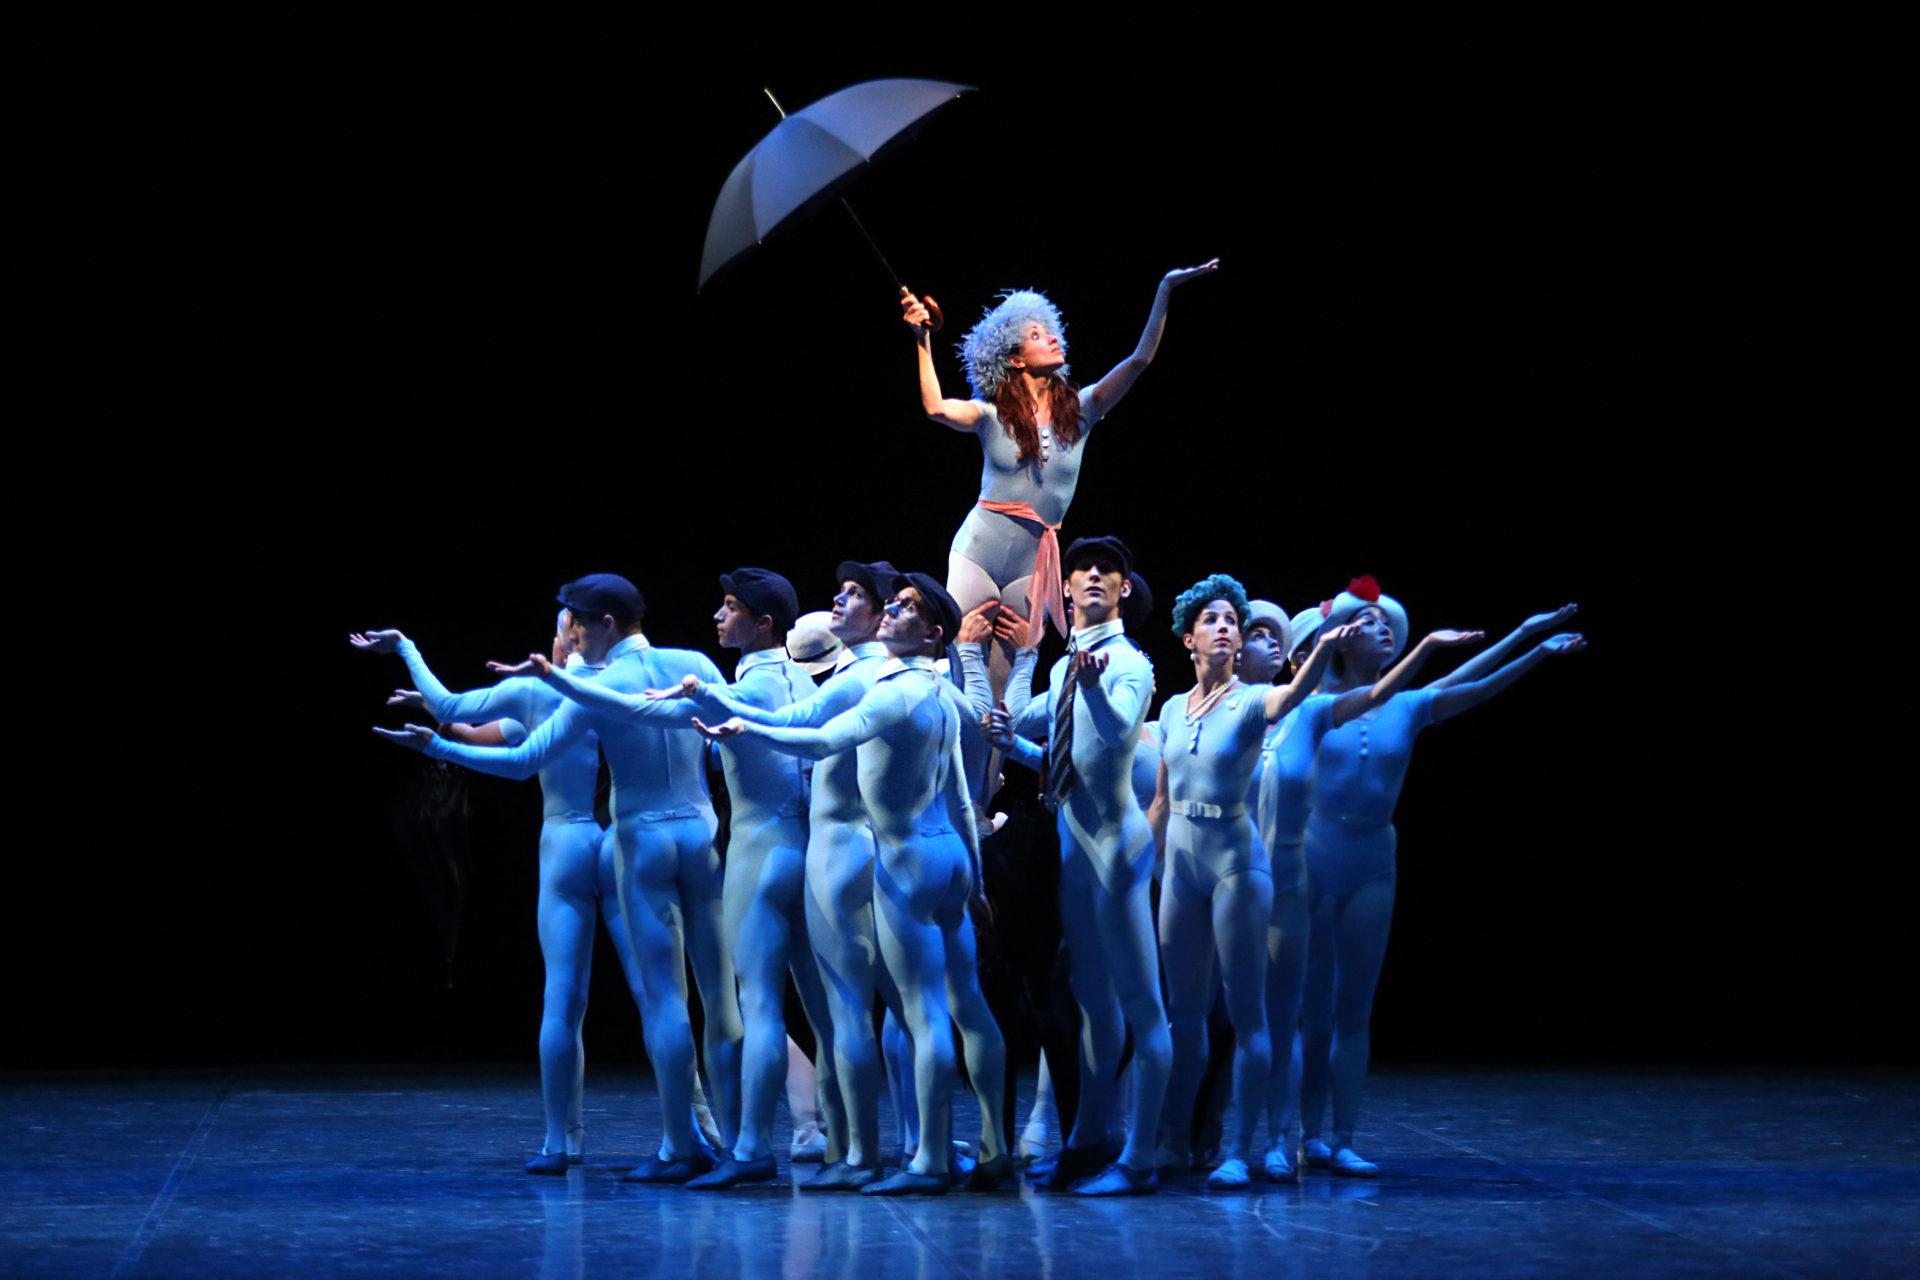 Chopin_Dances_HH_Ballett_Foto_AnjaBeutler.de_423